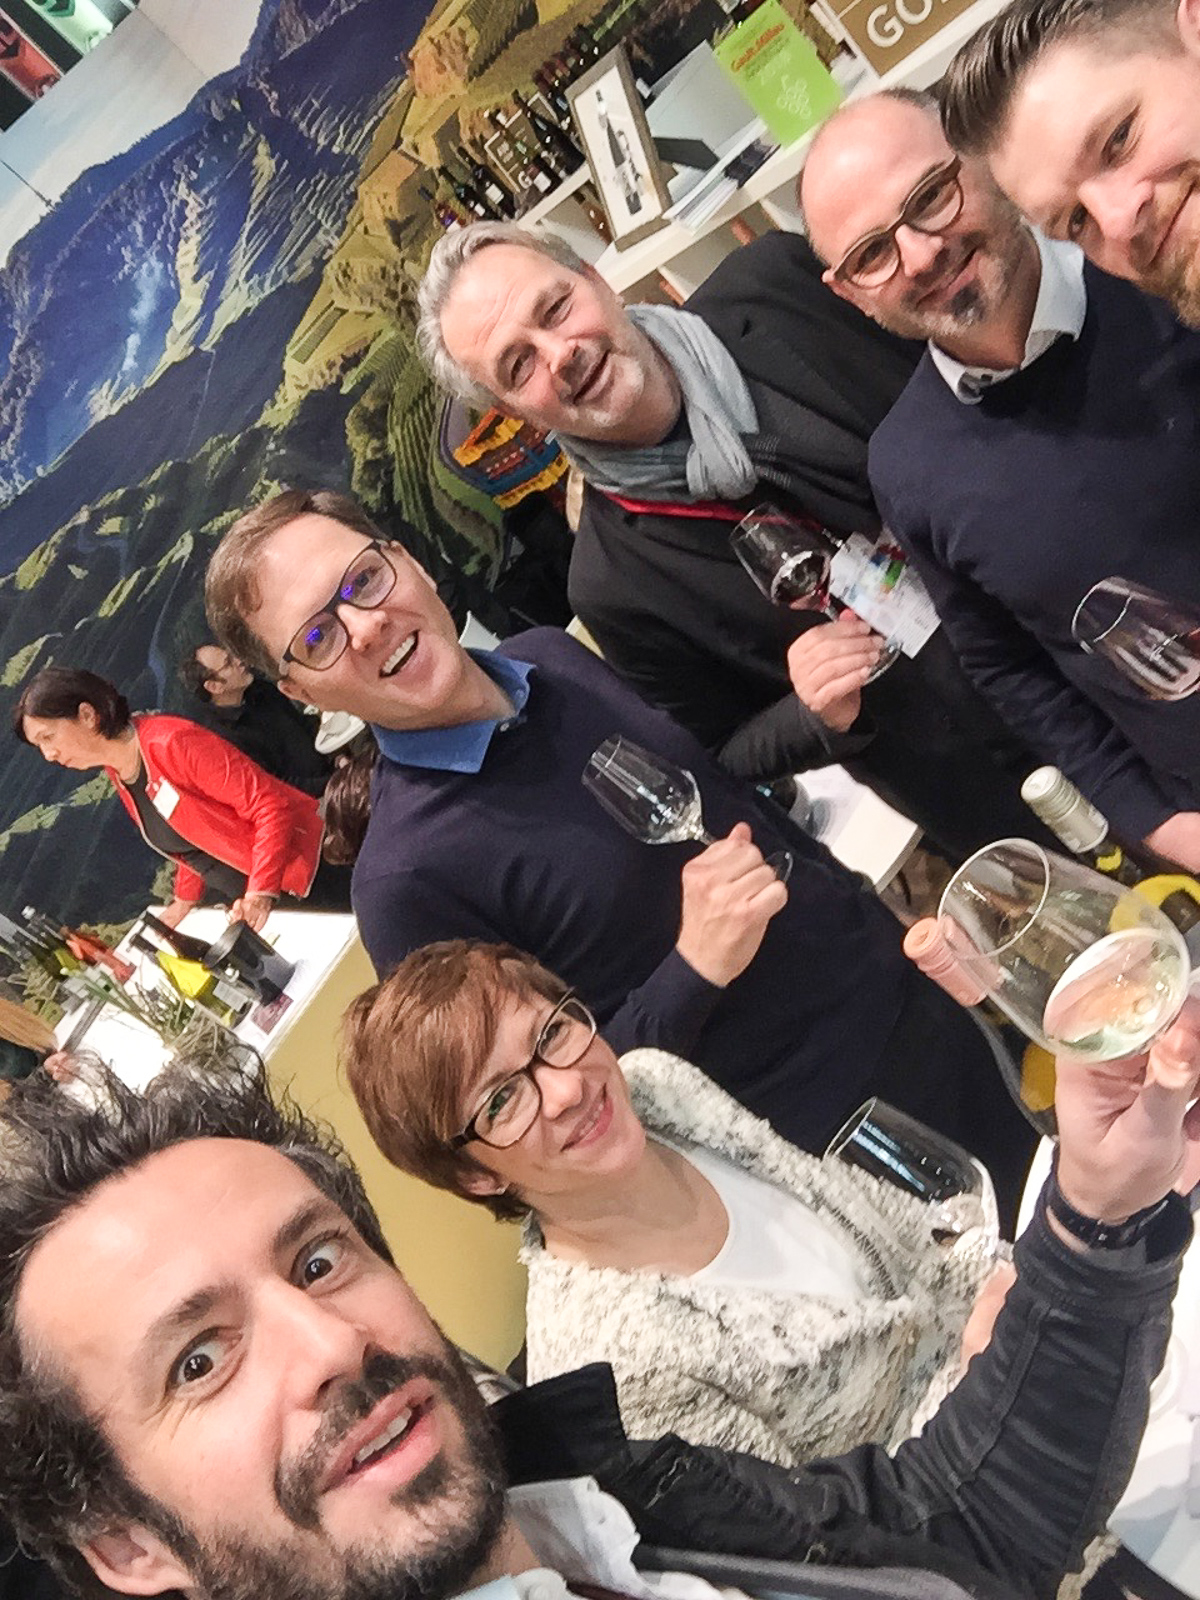 Florian Mainx, Alexandra Hiss, Markus Spitzbart, Norbert Grabensteiner, Andreas Hiss, Manuel Mößner